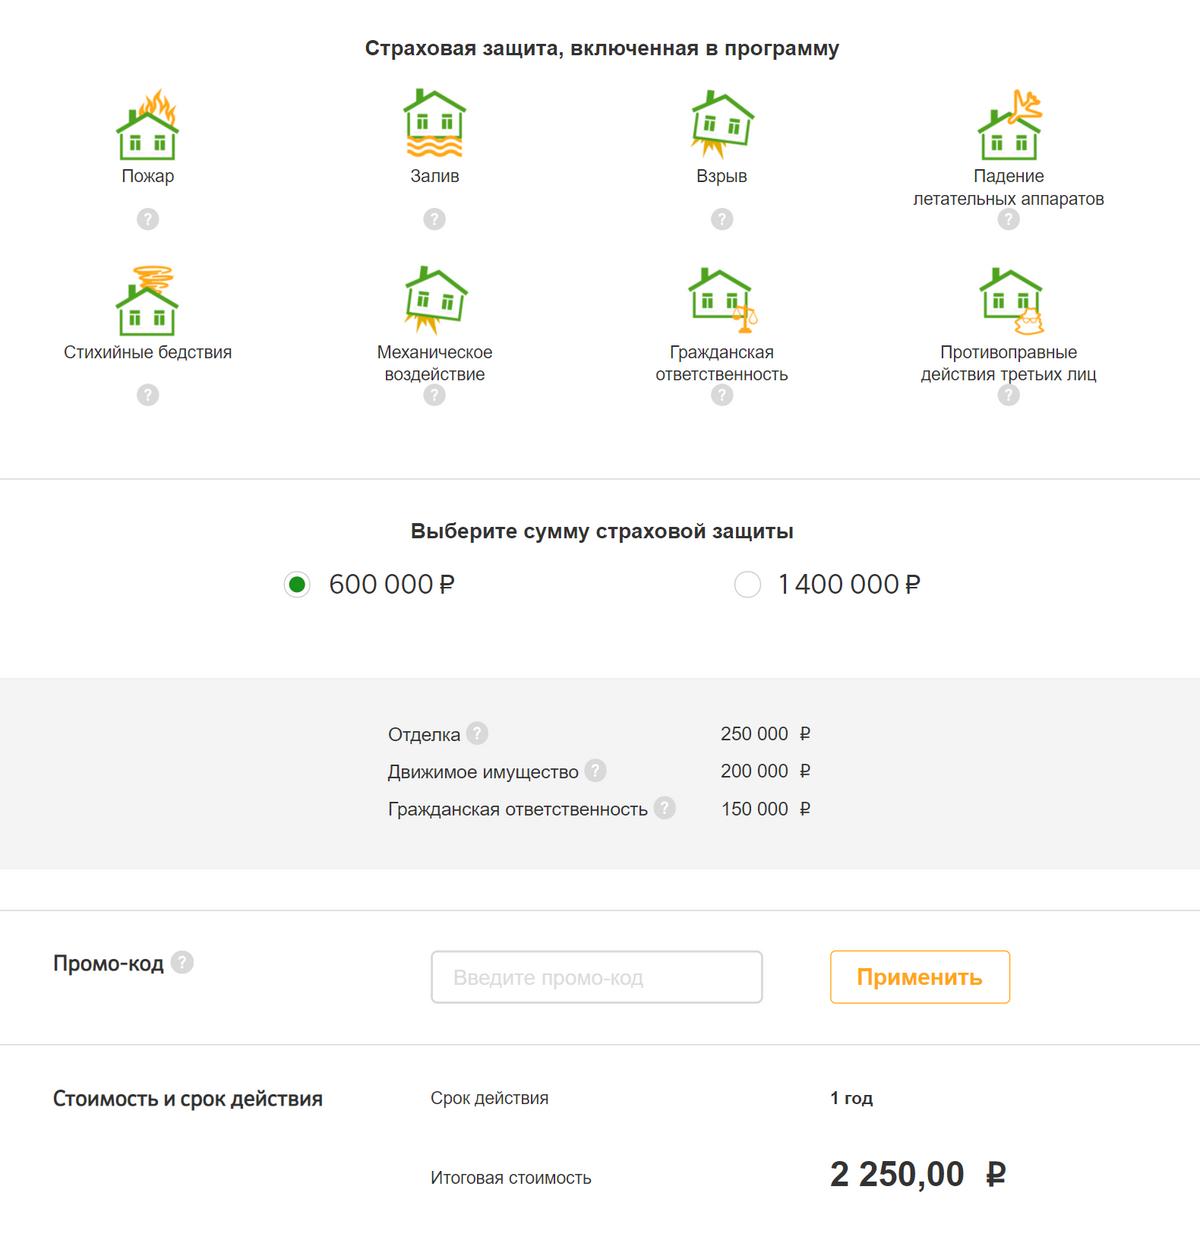 Годовой полис «Сбербанк-страхования» стоит 2250&nbsp;<span class=ruble>Р</span>. Если в&nbsp;квартире побывают воры, компания вернет до&nbsp;200&nbsp;000&nbsp;<span class=ruble>Р</span> за&nbsp;украденные вещи. Еще до&nbsp;250&nbsp;000&nbsp;<span class=ruble>Р</span> — за&nbsp;испорченный ремонт, например оторванные обои или отбитую плитку в ванной. А&nbsp;до&nbsp;150&nbsp;000&nbsp;<span class=ruble>Р</span> заплатят соседям, если вы, например, их затопите, — это называется страхованием гражданской ответственности